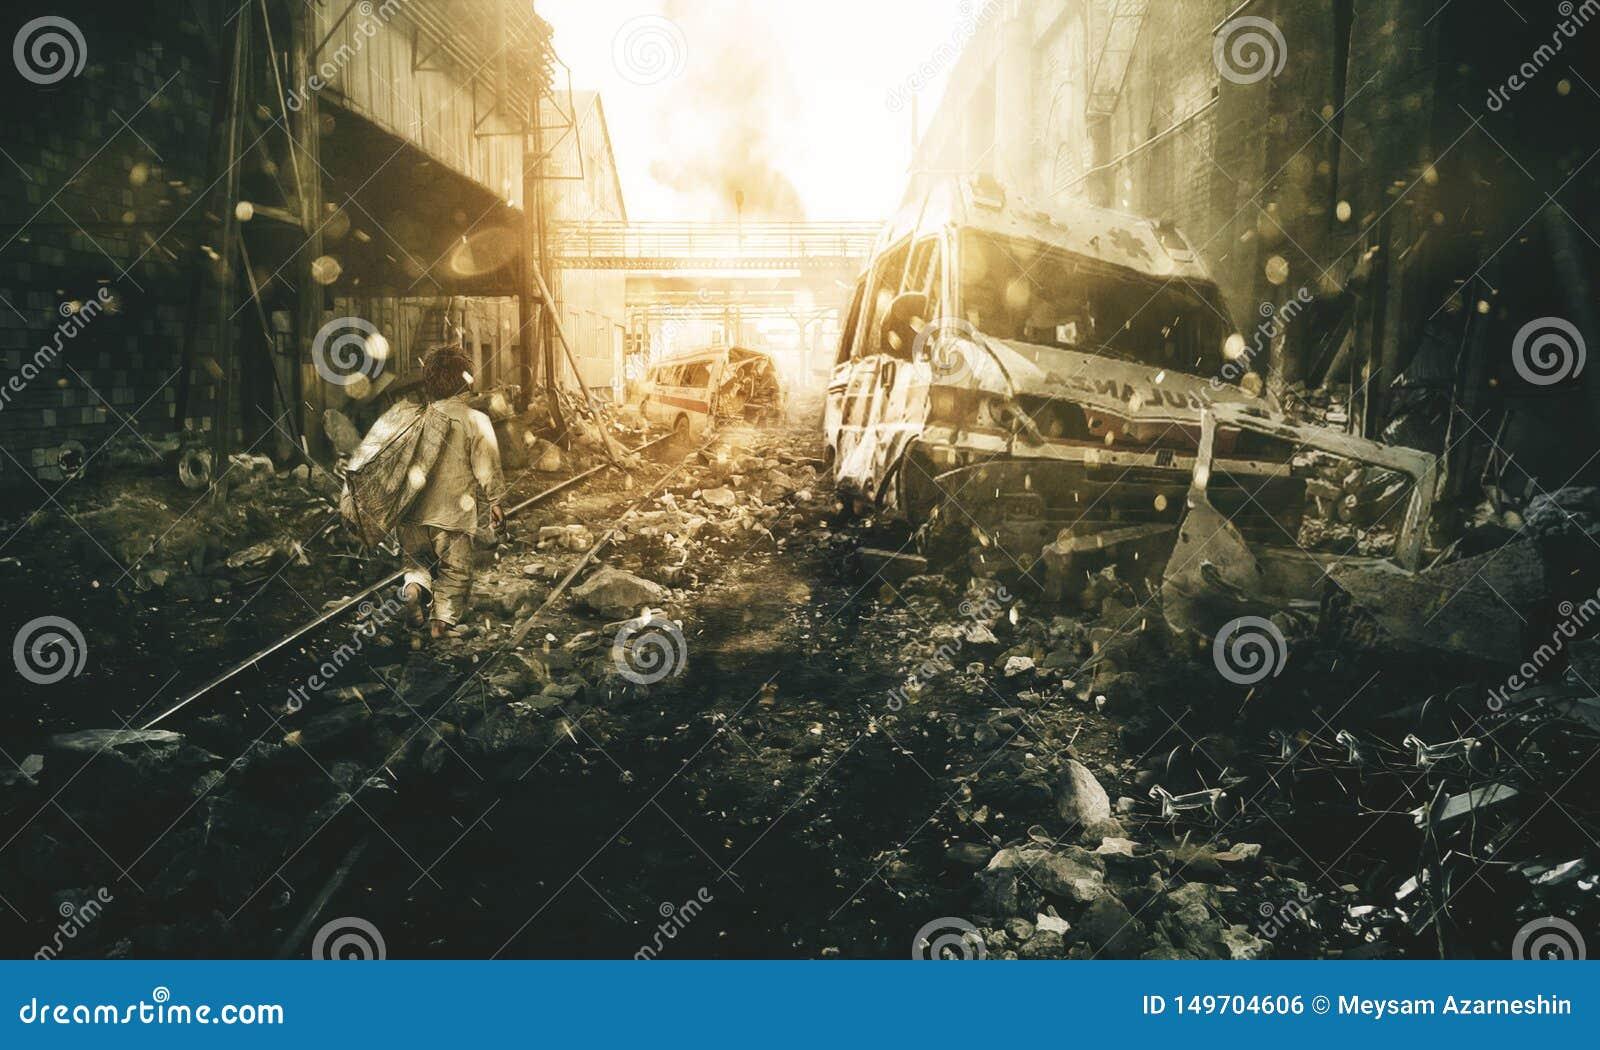 Hemlös pys som går i förstörd stad